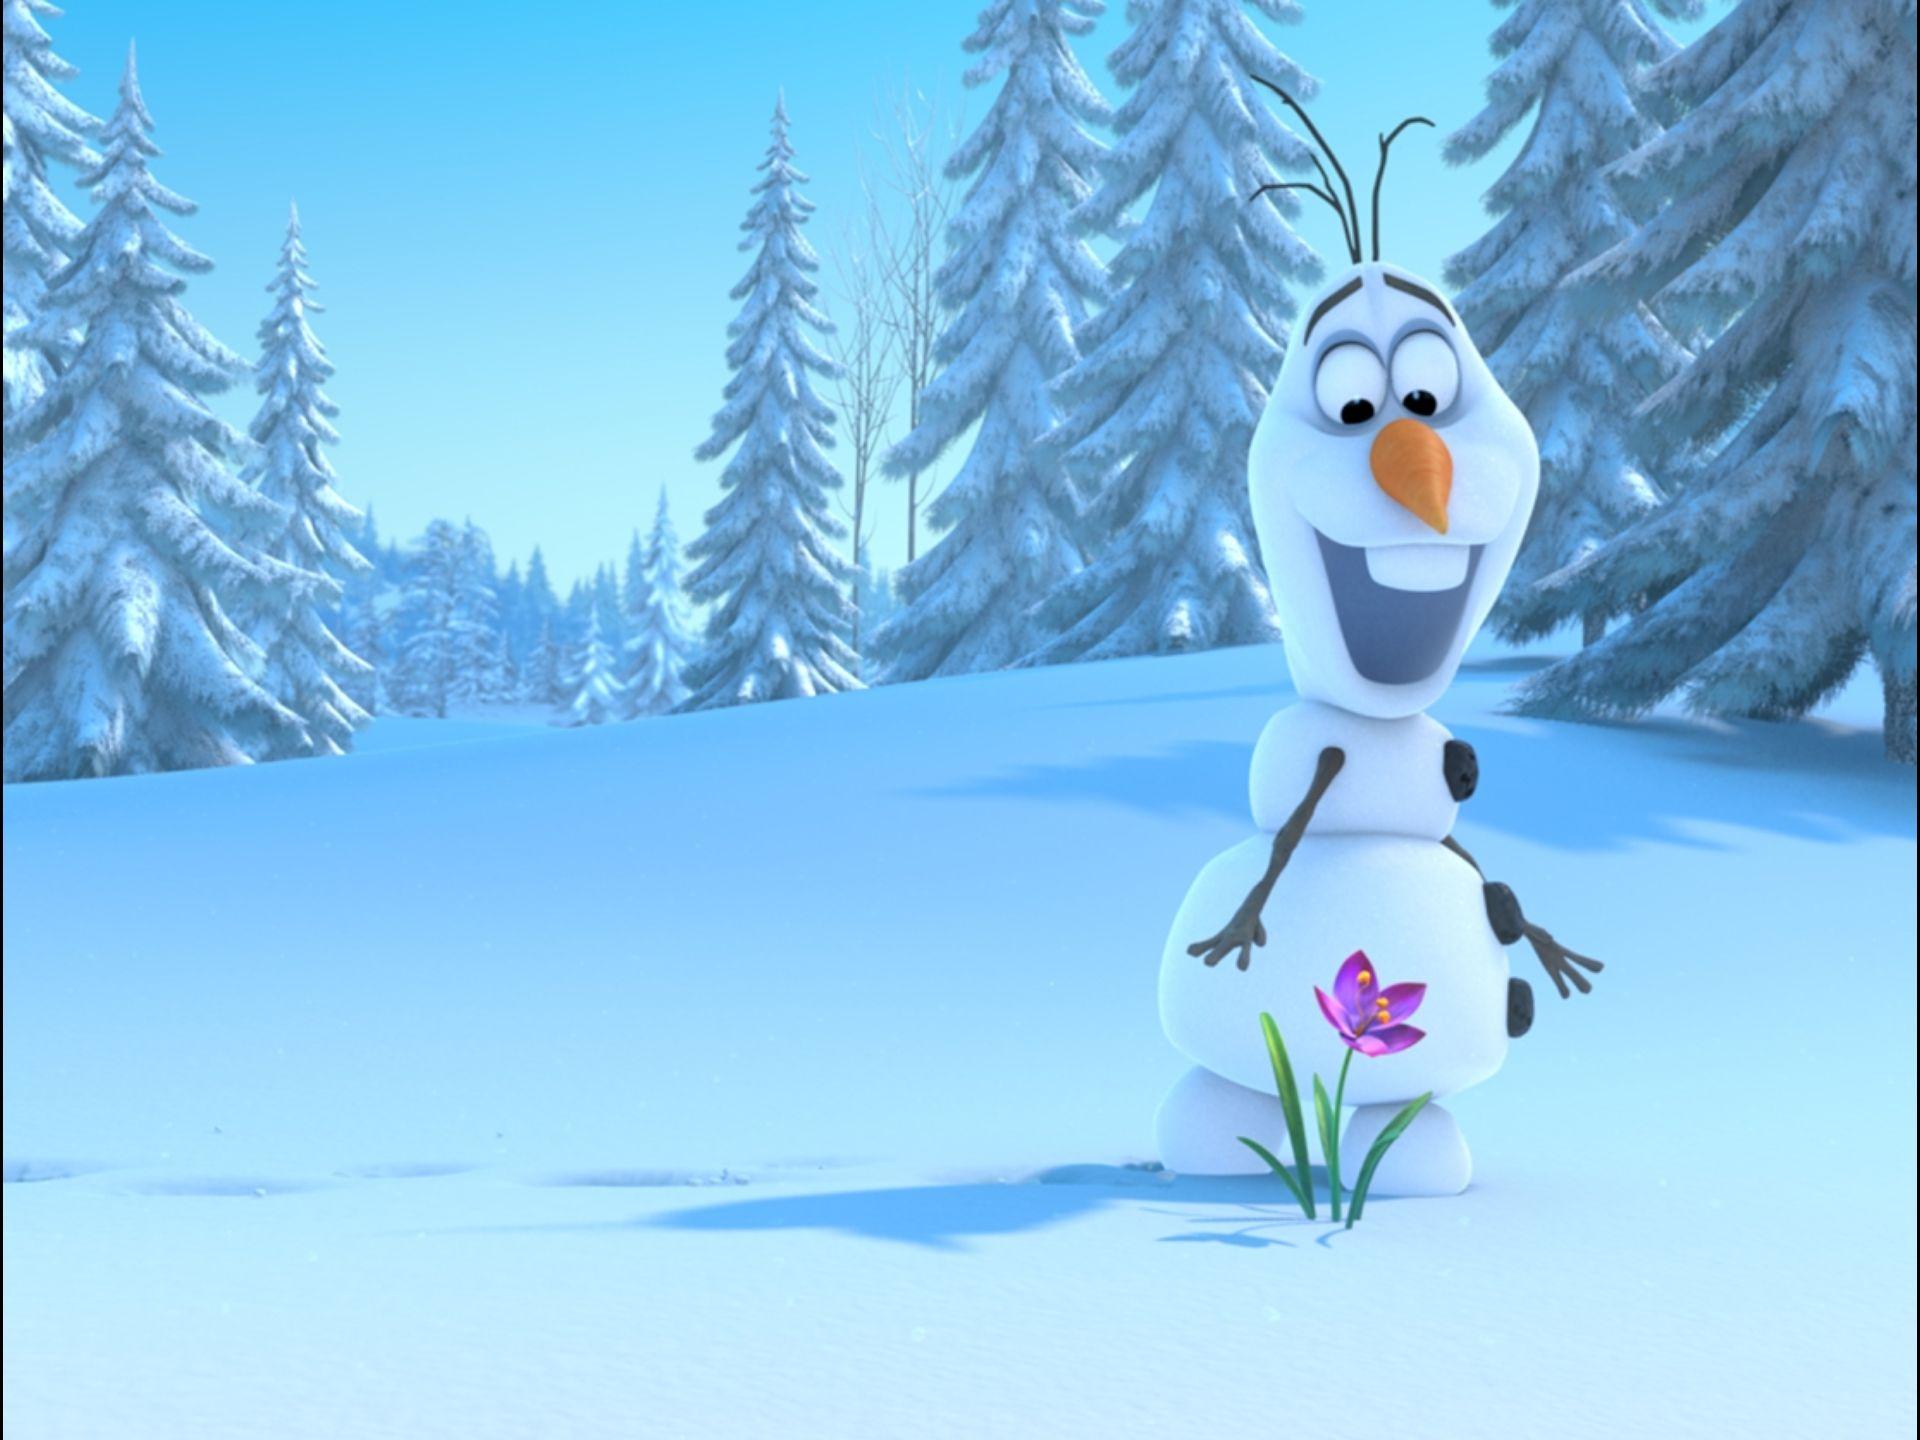 ... de 'Frozen, el reino del hielo', lo nuevo de Walt Disney Animation